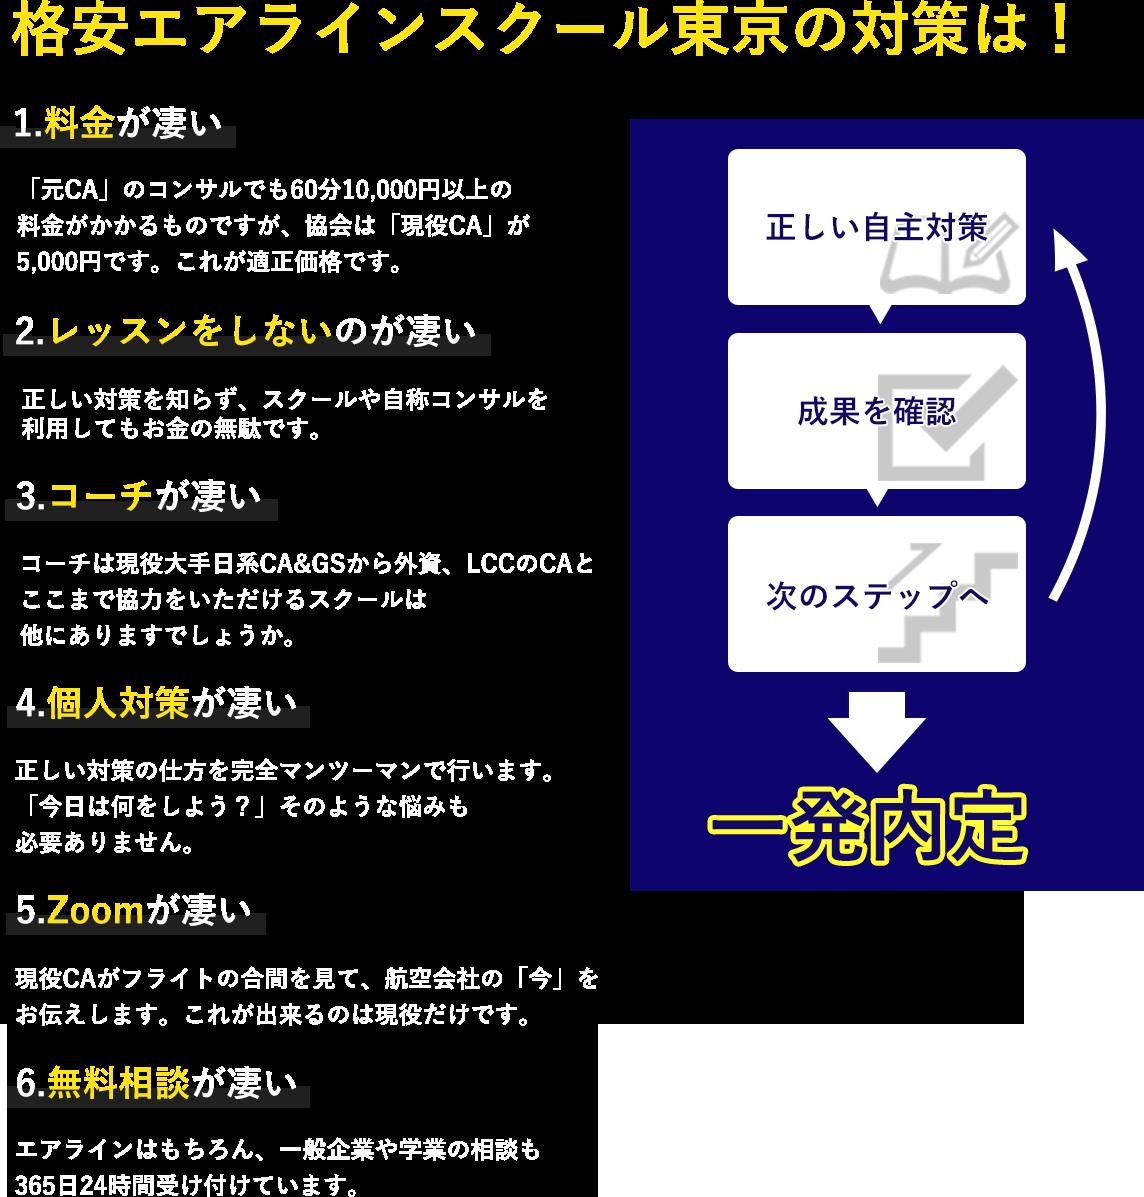 格安エアラインスクール東京の対策は! 1.料金が凄い 「元CA」のコンサルでも60分1,0000円以上の料金がかかるものですが、協会は「現役CA」が5,000円です。これが適正価格です。 2.レッスンをしないのが凄い 正しい対策を知らず、スクールや自称コンサルを利用してもお金の無駄です。 3.コーチが凄い コーチは現役大手日系CA&GSから外資、LCCのCAとここまで協力をいただけるスクールは他にありますでしょうか。 4.個人対策が凄い 正しい対策の仕方を完全マンツーマンで行います。「今日は何をしよう?」そのような悩みも必要ありません。 5.Zoomが凄い 現役CAがフライトの合間を見て、航空会社の「今」をお伝えします。これが出来るのは現役だけです。 6.無料相談が凄い エアラインはもちろん、一般企業や学業の相談も365日24時間受け付けています。